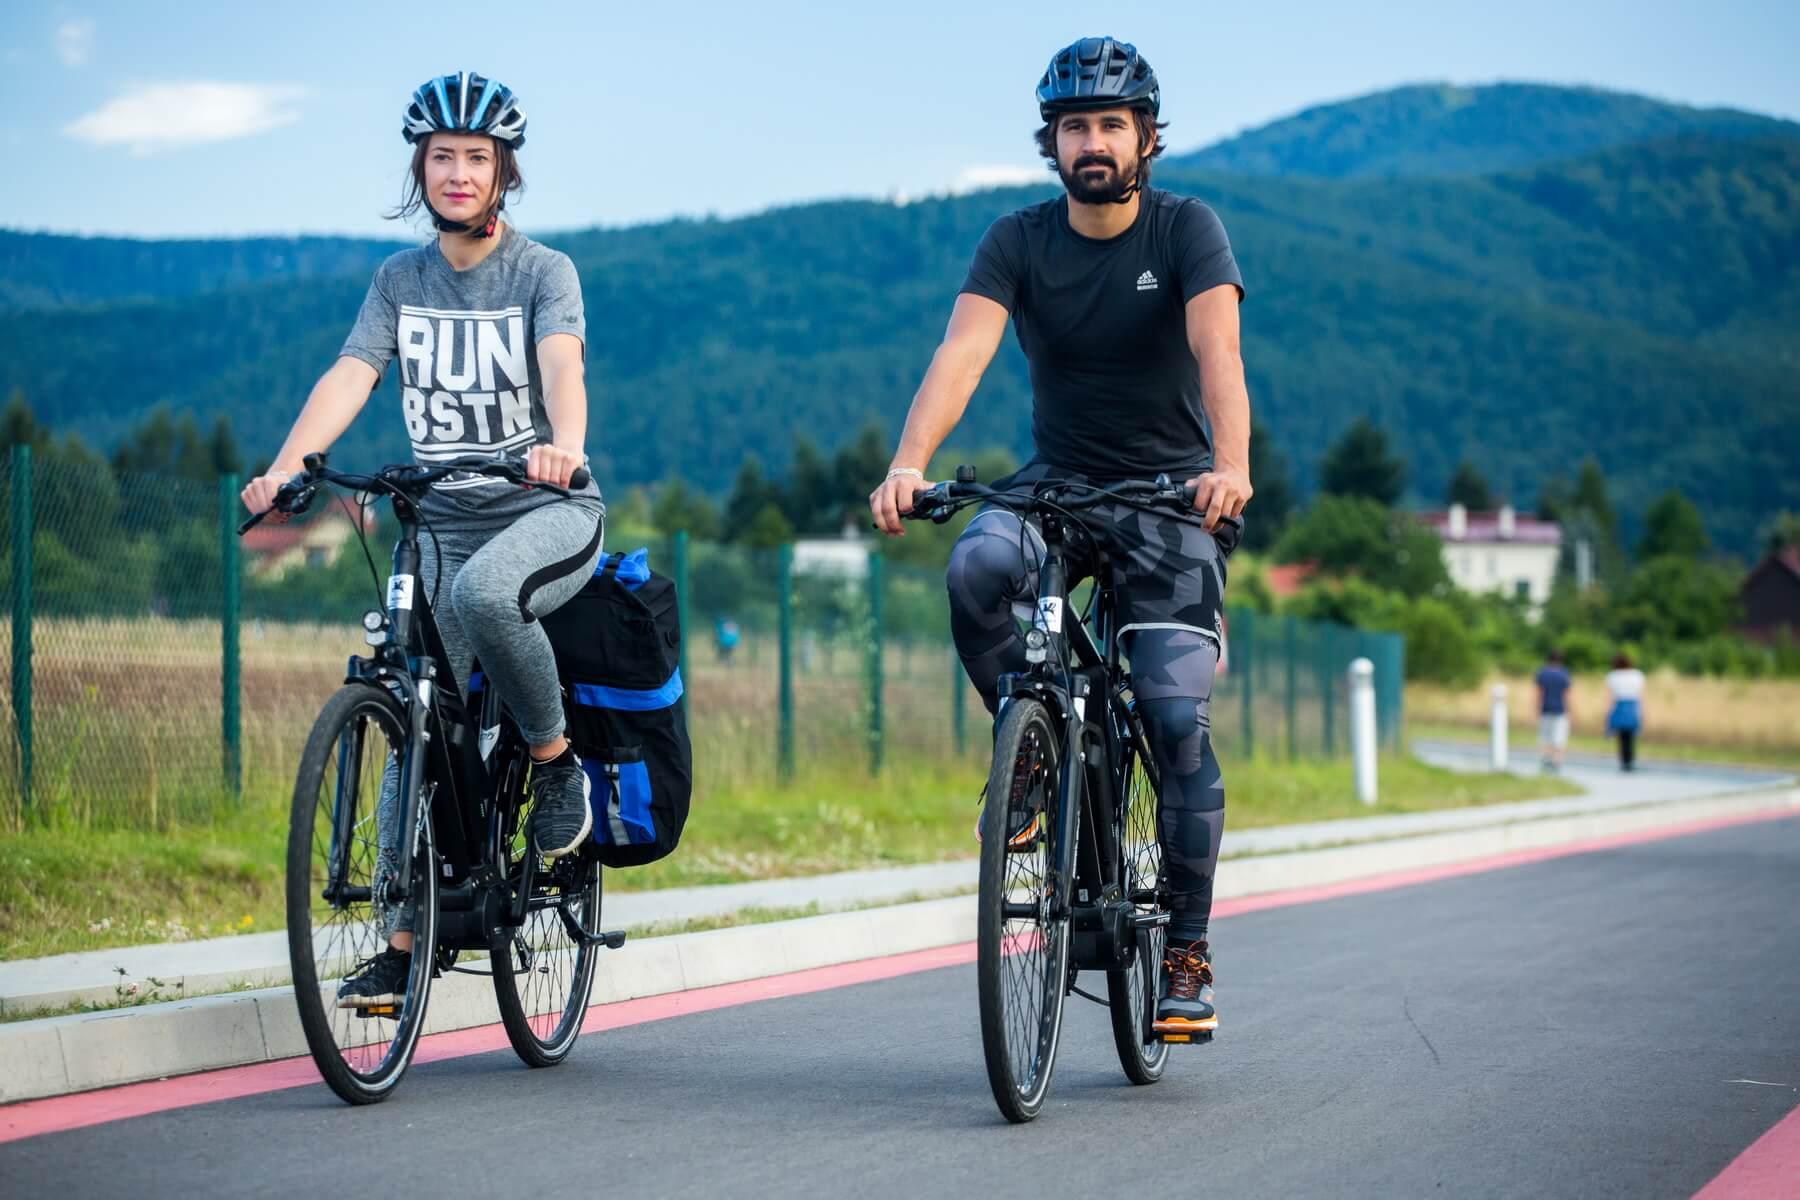 Sklep rowerowy Płock, rowery Płock